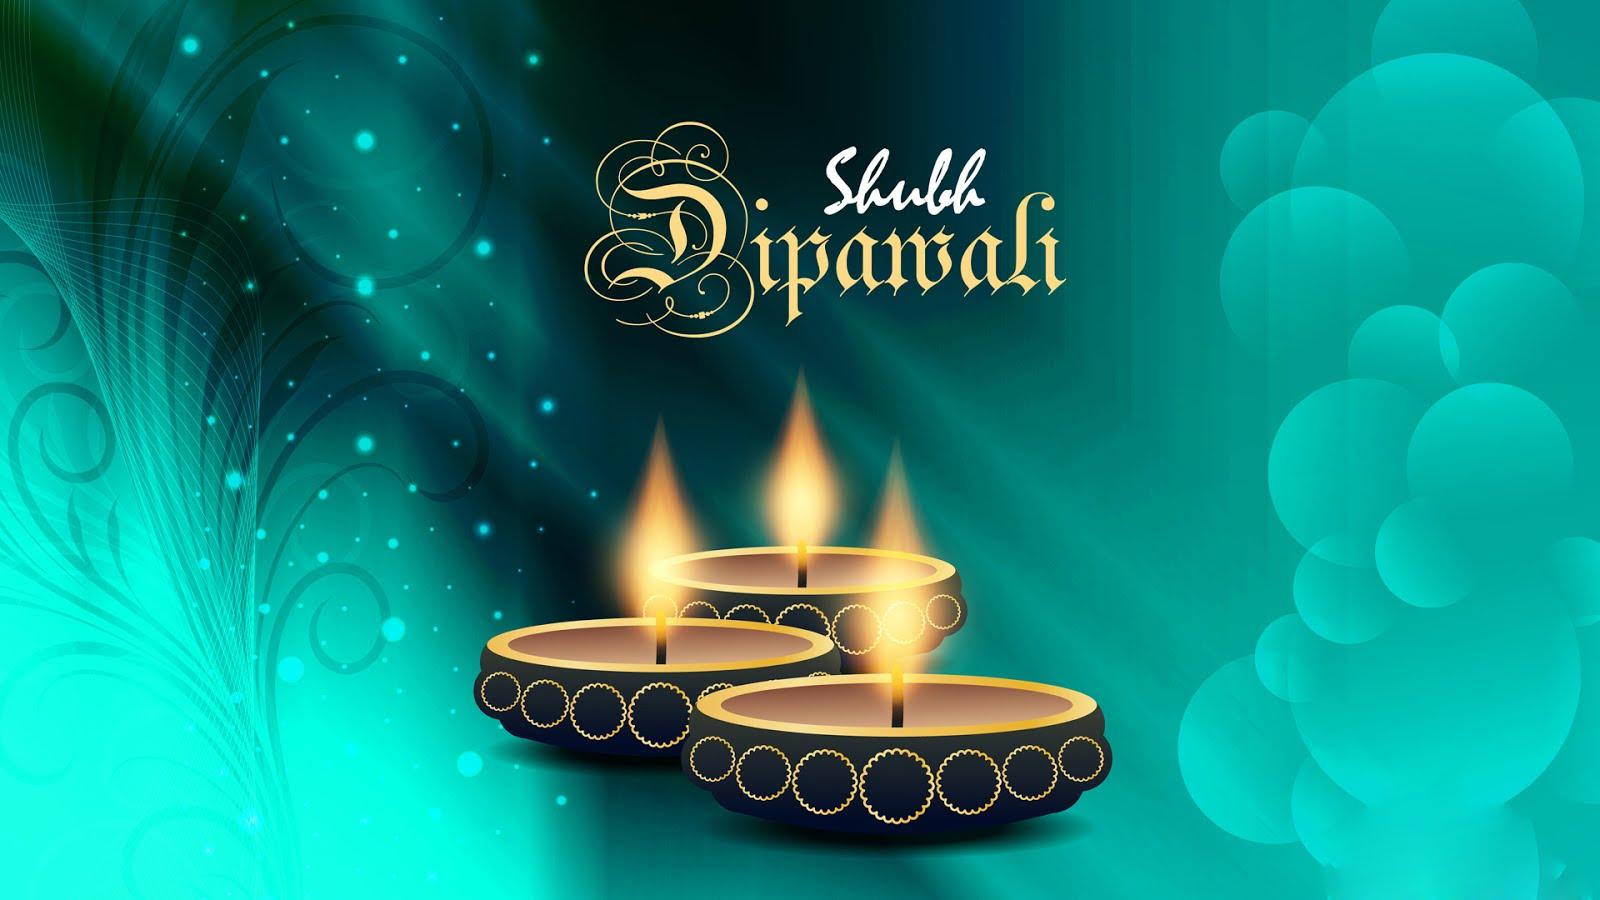 Happy Diwali Diwali Wallpapers Diwali Greetings Muggulu A2z